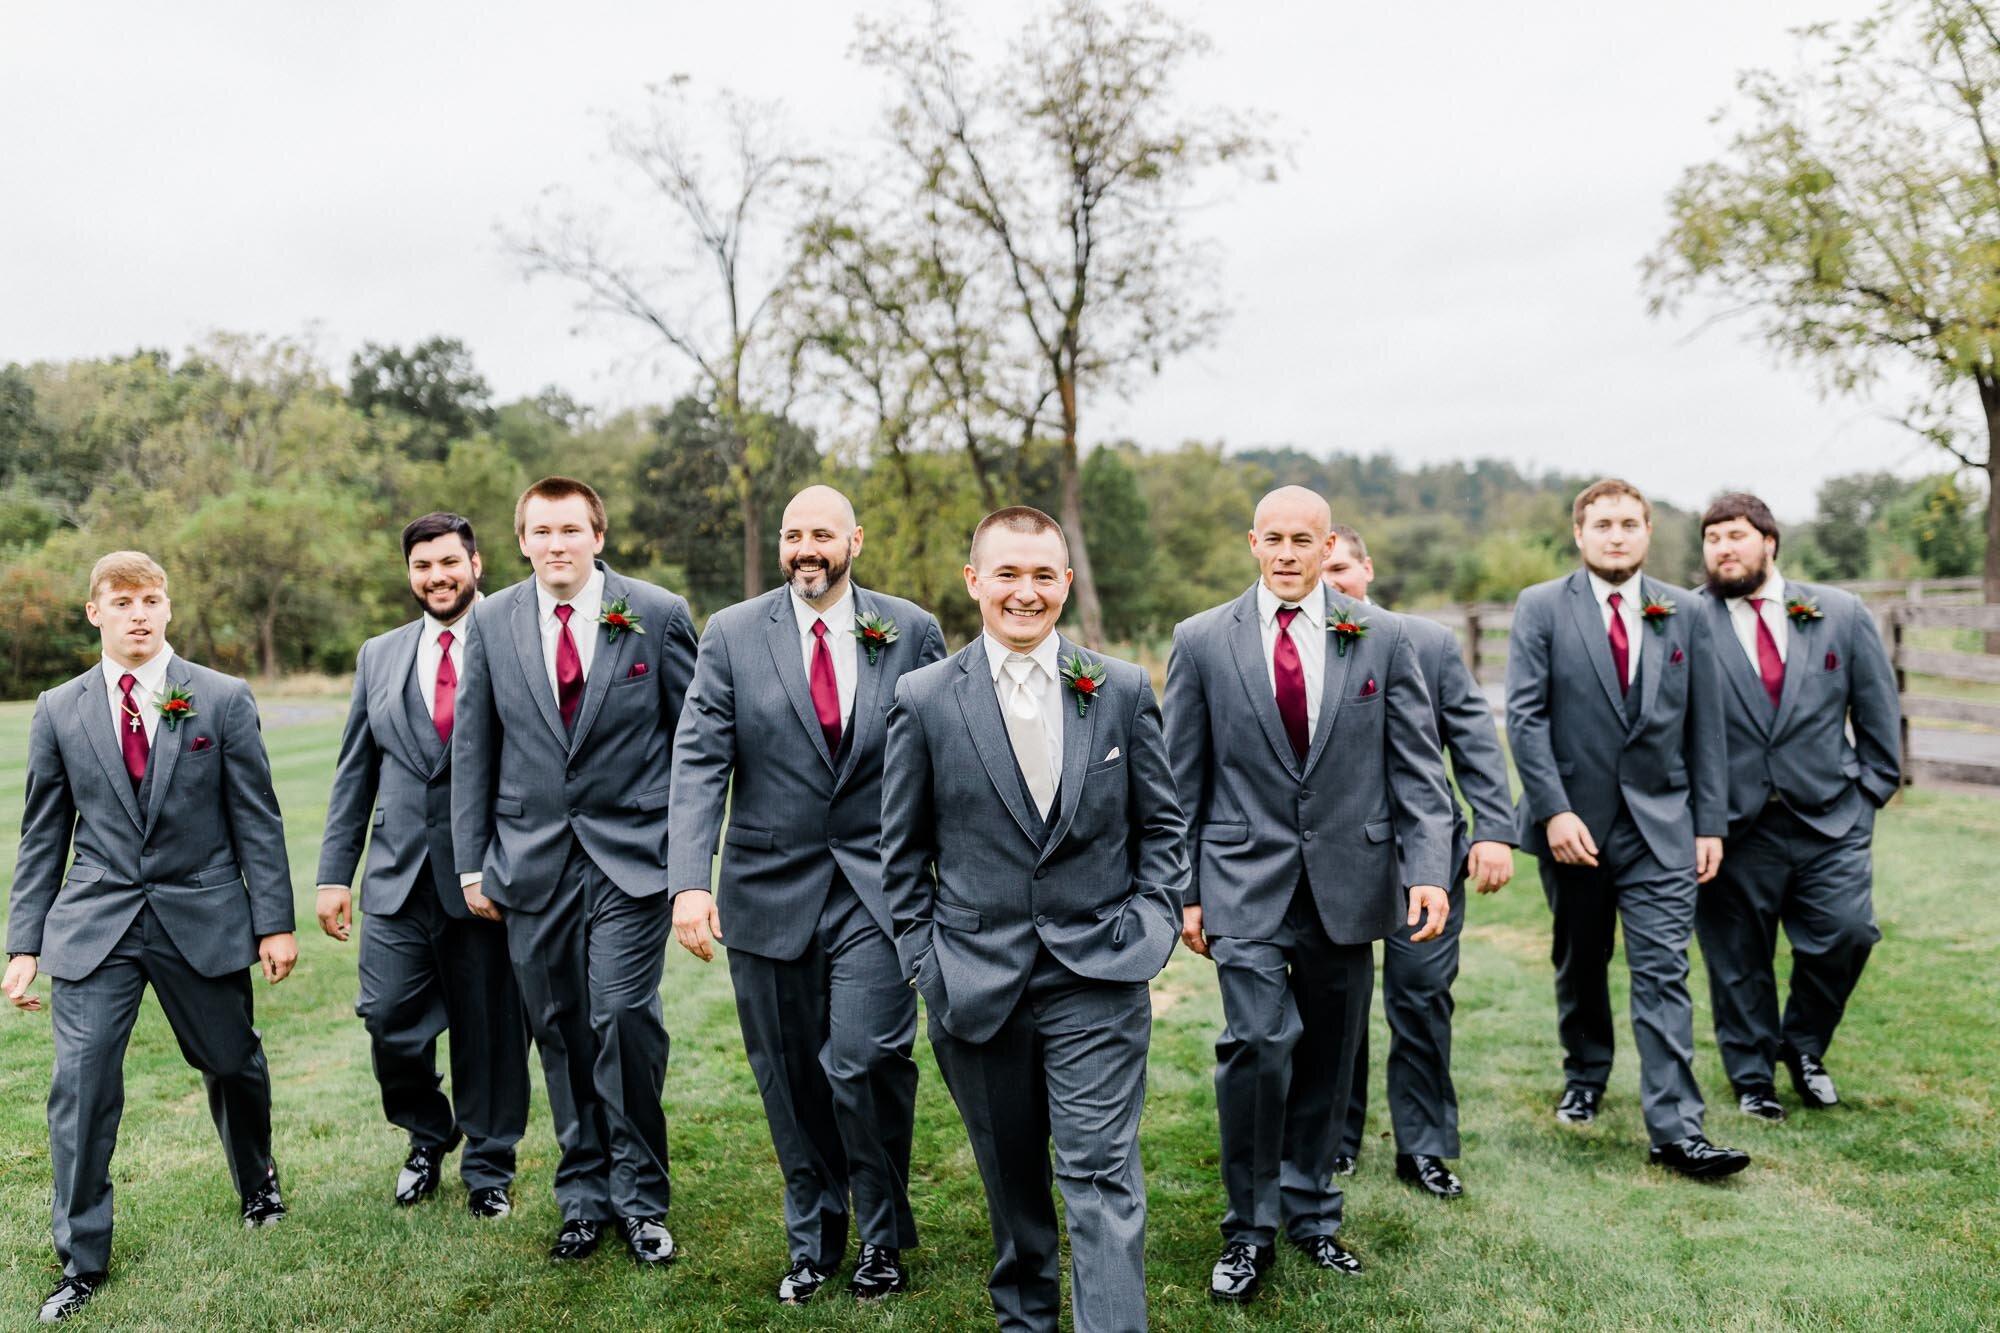 links-hemlock-creek-bloomsburg-wedding-5947.jpg